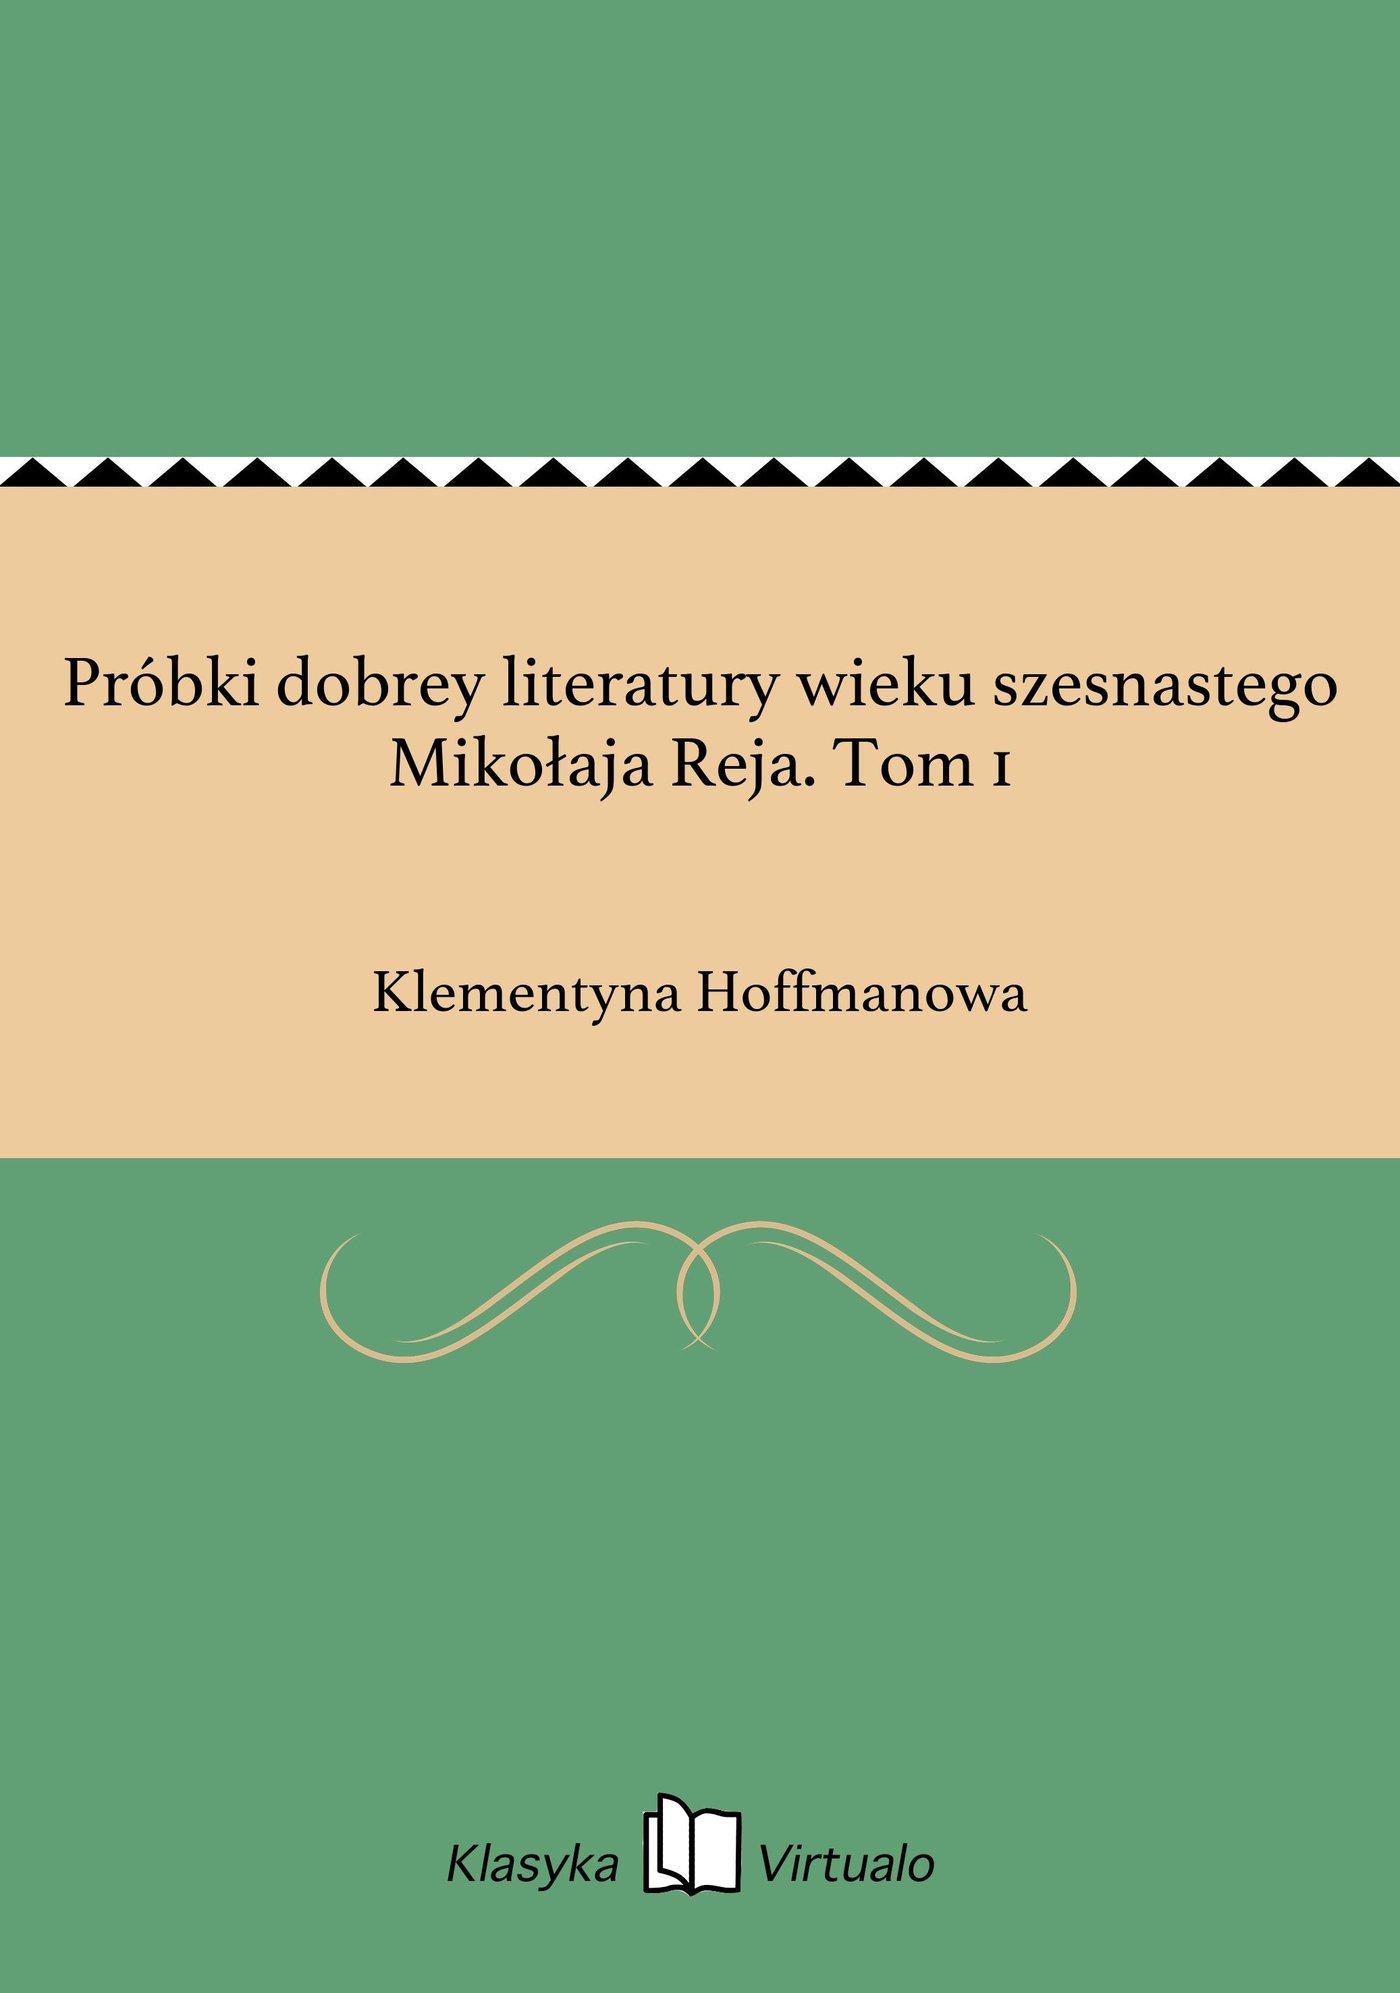 Próbki dobrey literatury wieku szesnastego Mikołaja Reja. Tom 1 - Ebook (Książka EPUB) do pobrania w formacie EPUB